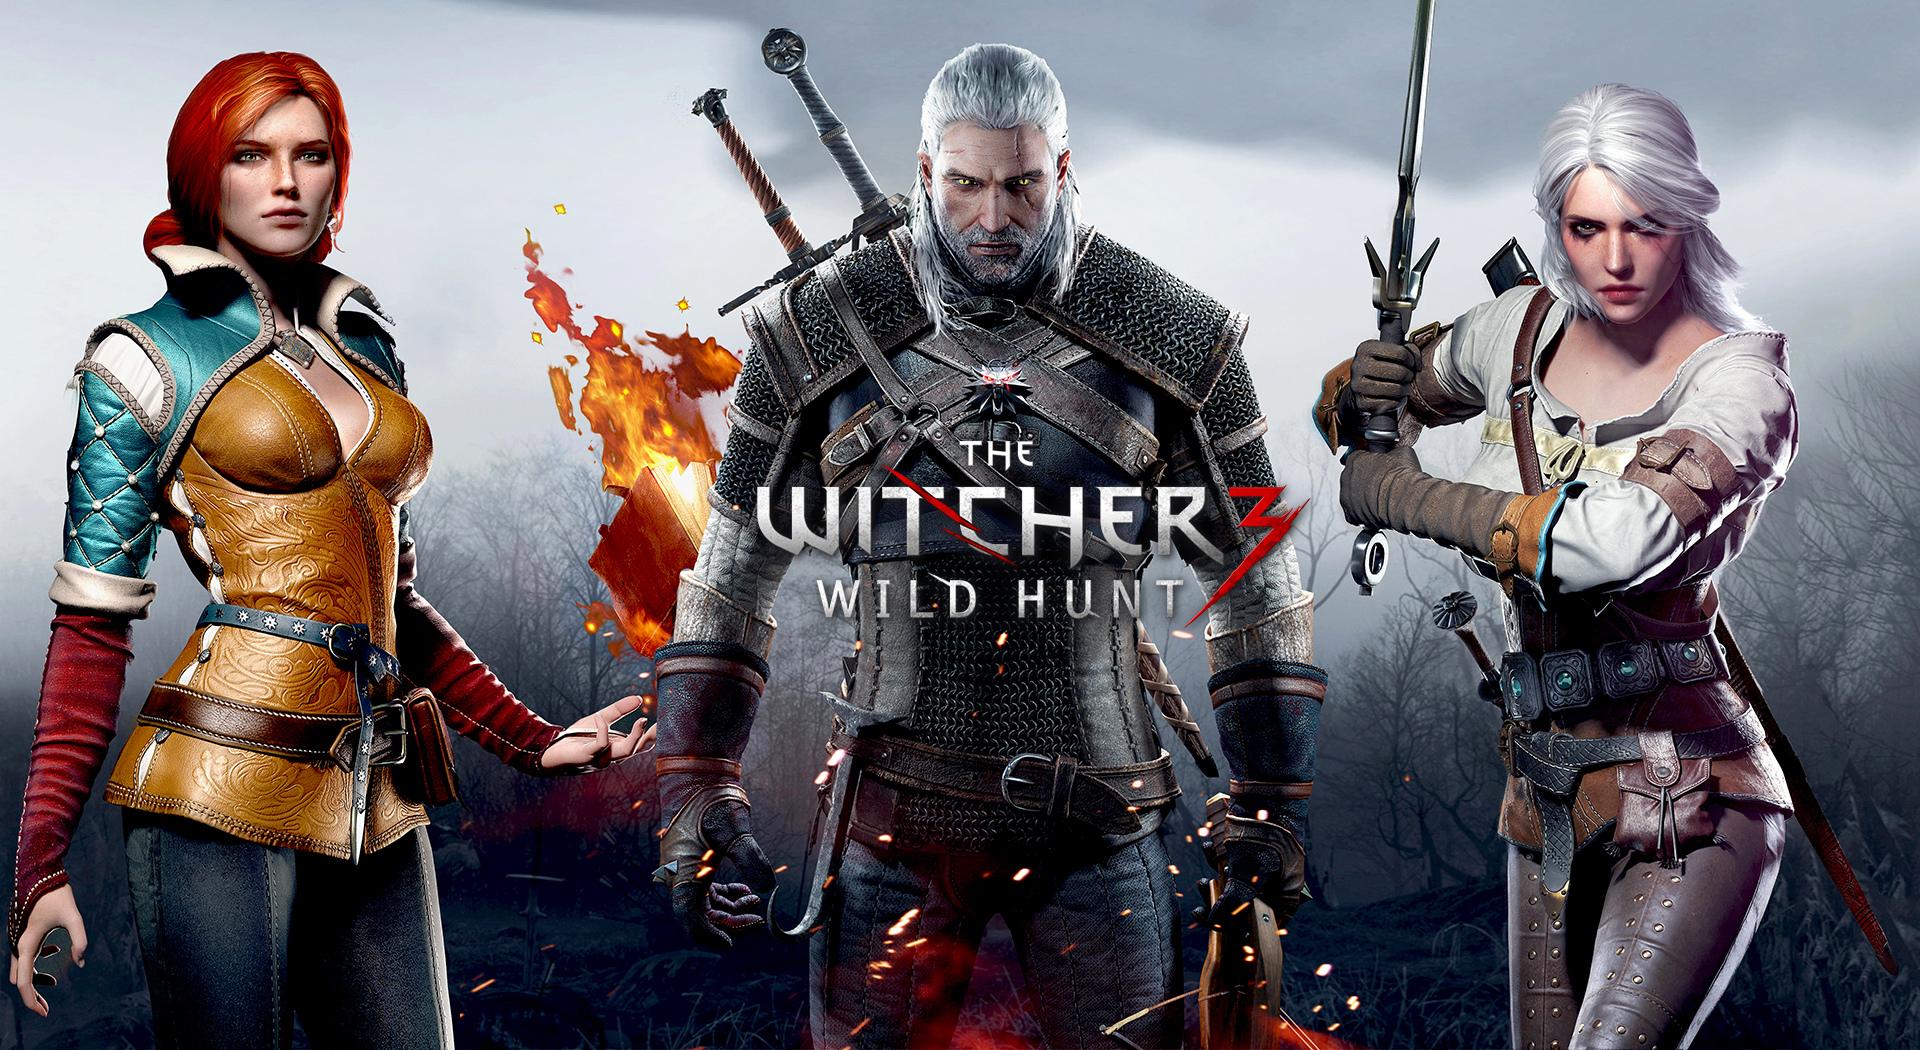 Fondos de pantalla The Witcher 3 Wild Hunt, Wallpapers Gratis